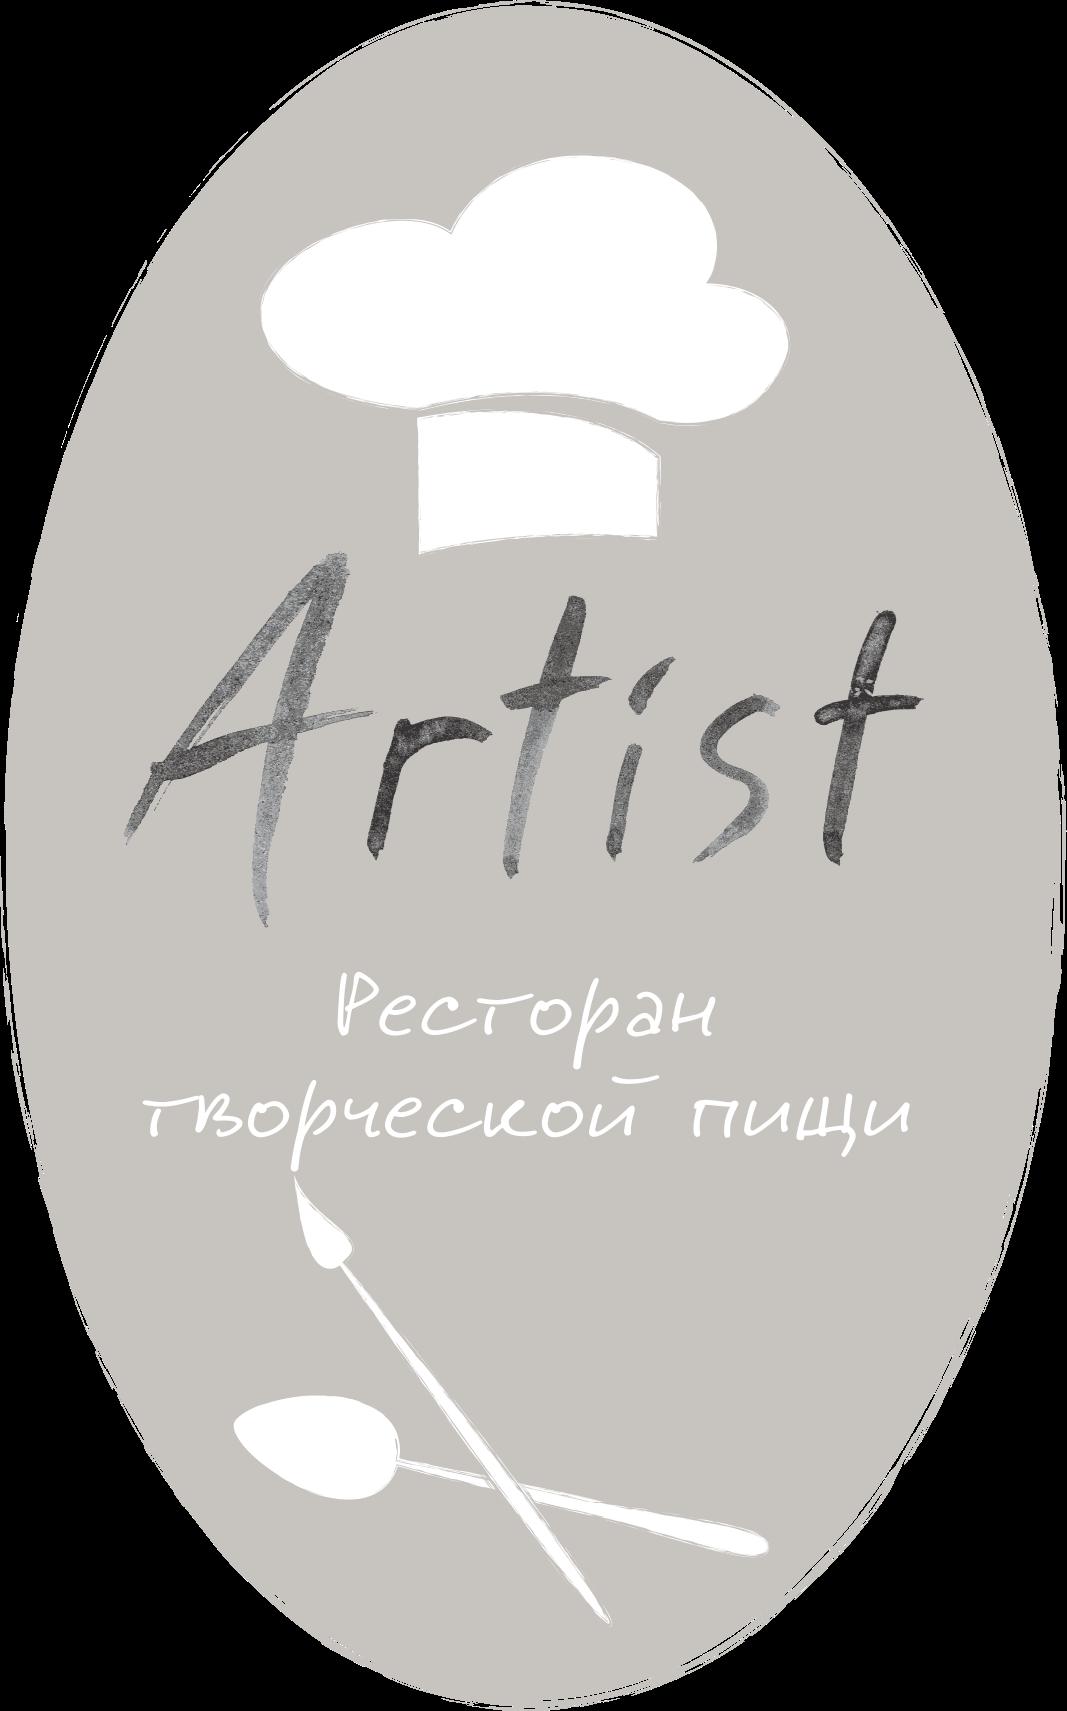 Кафе Артист